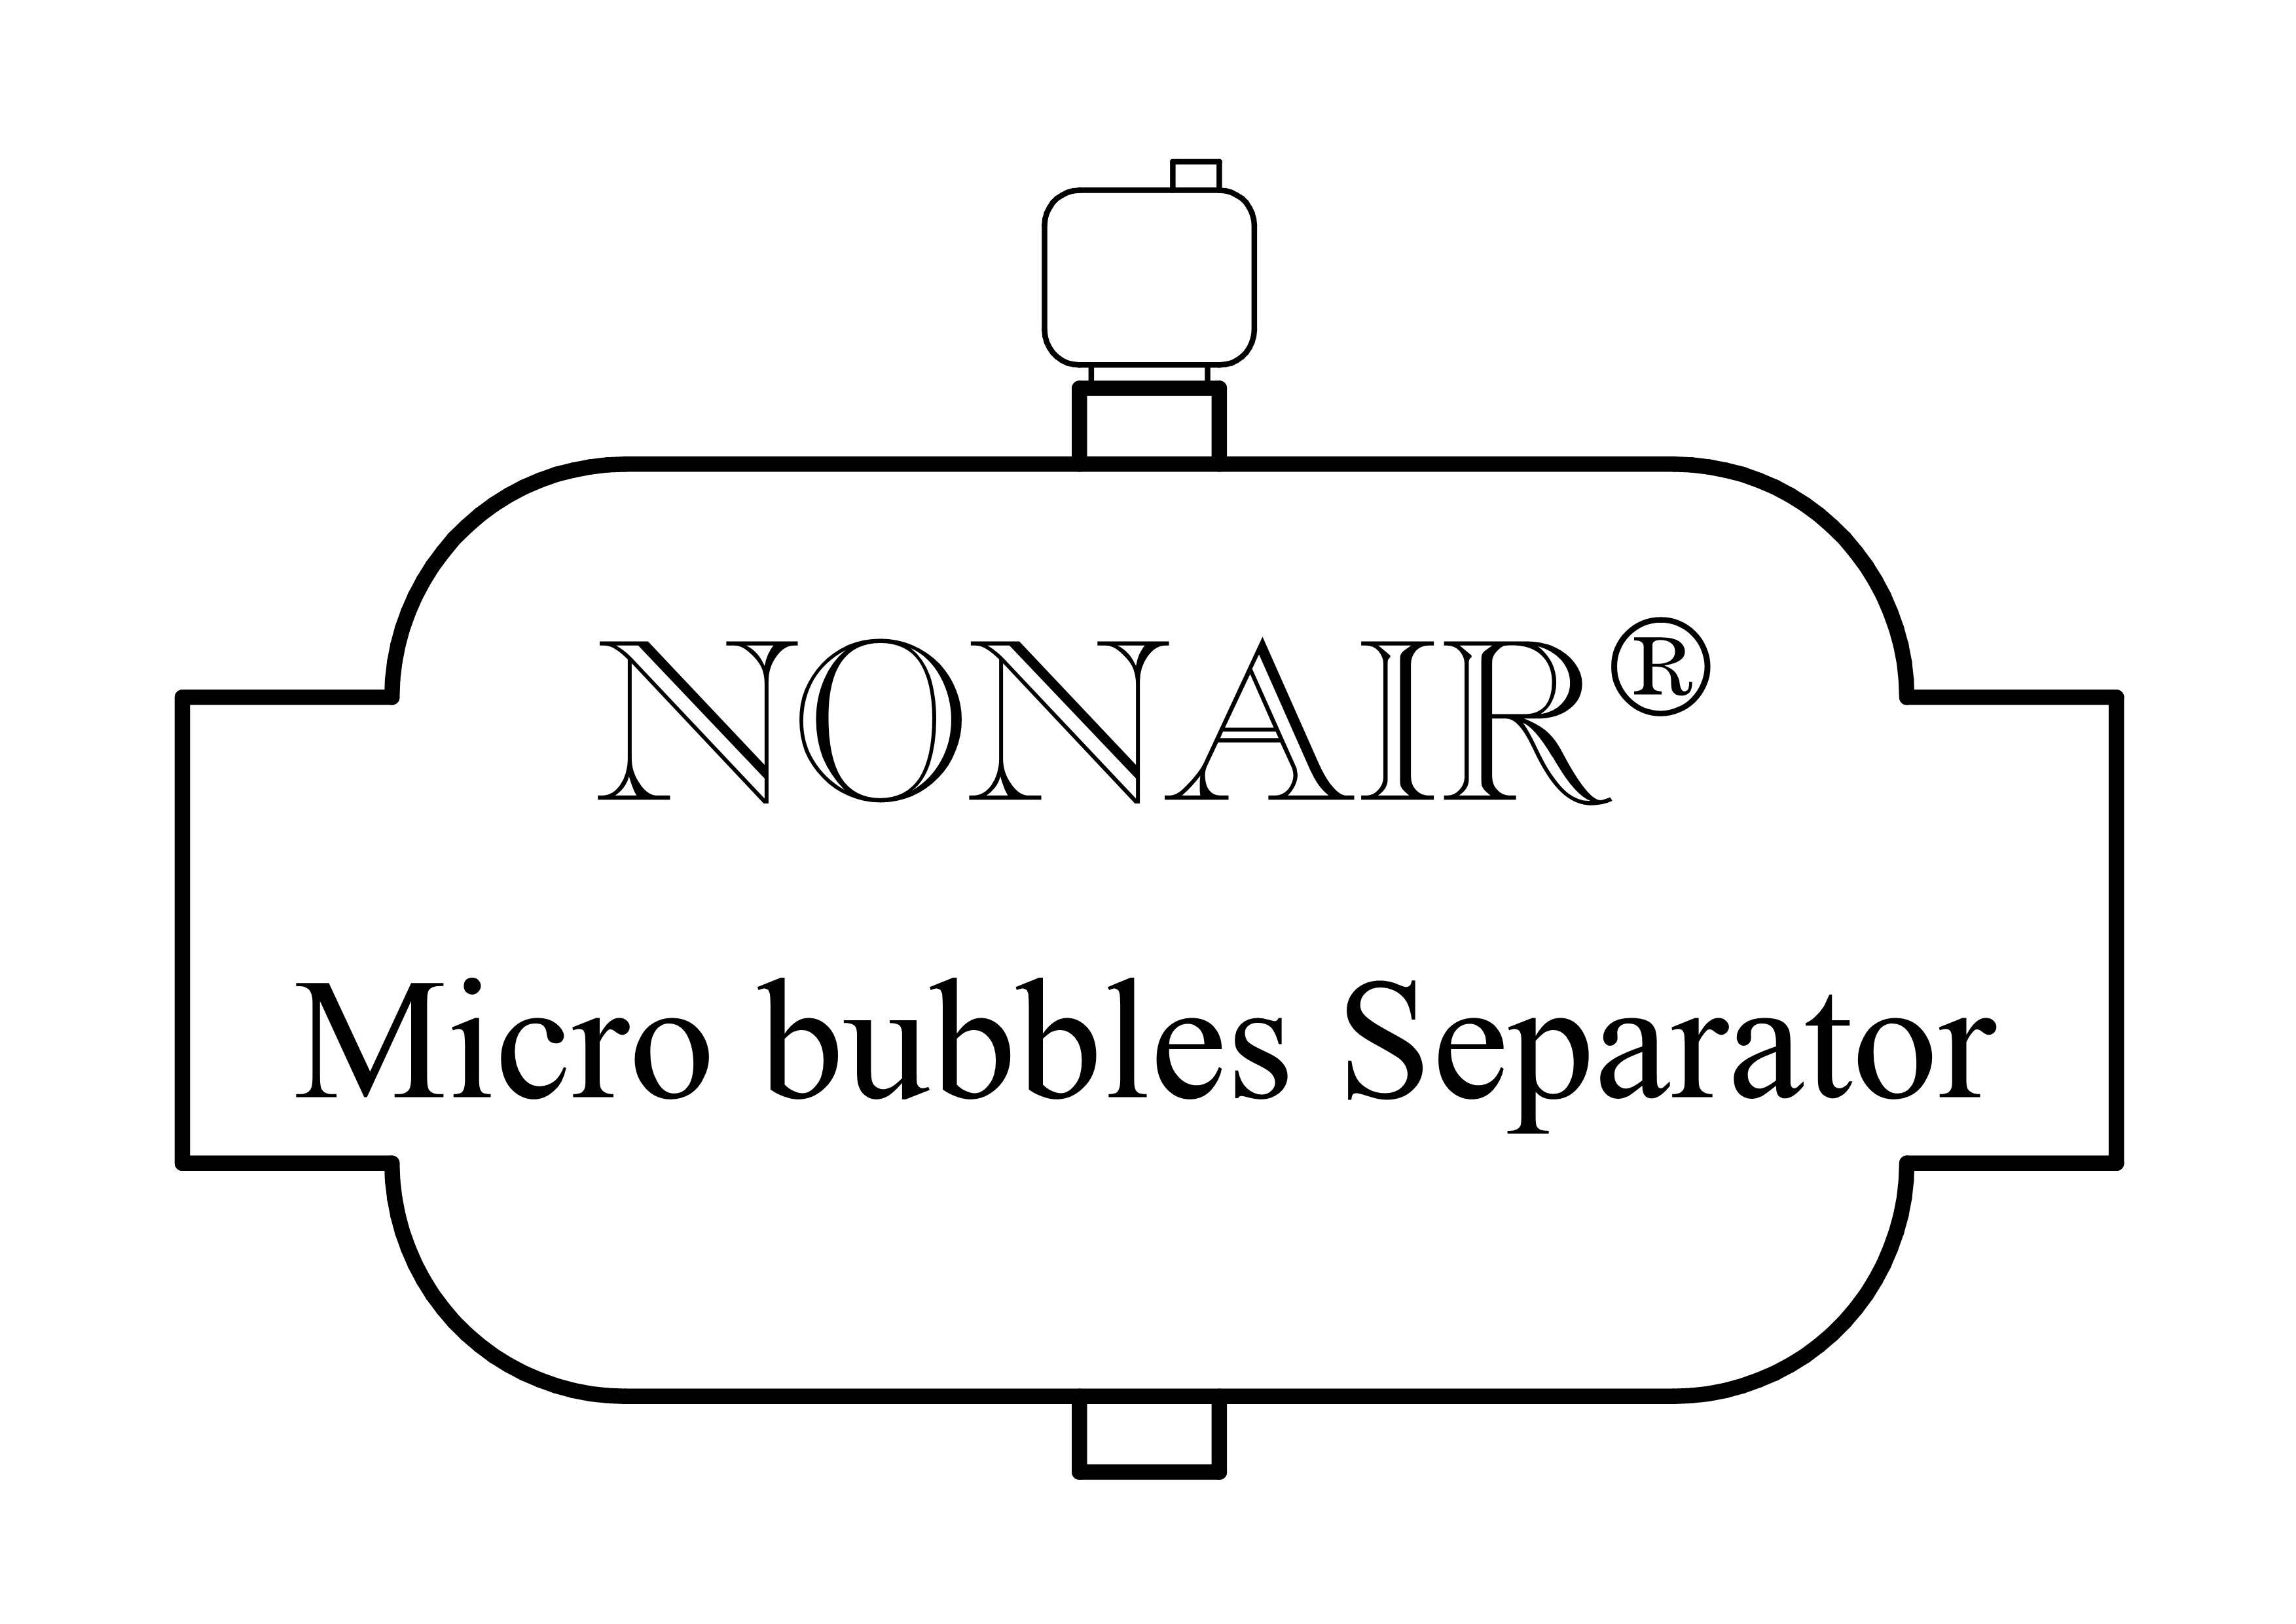 Nonair micro bubbles Separator